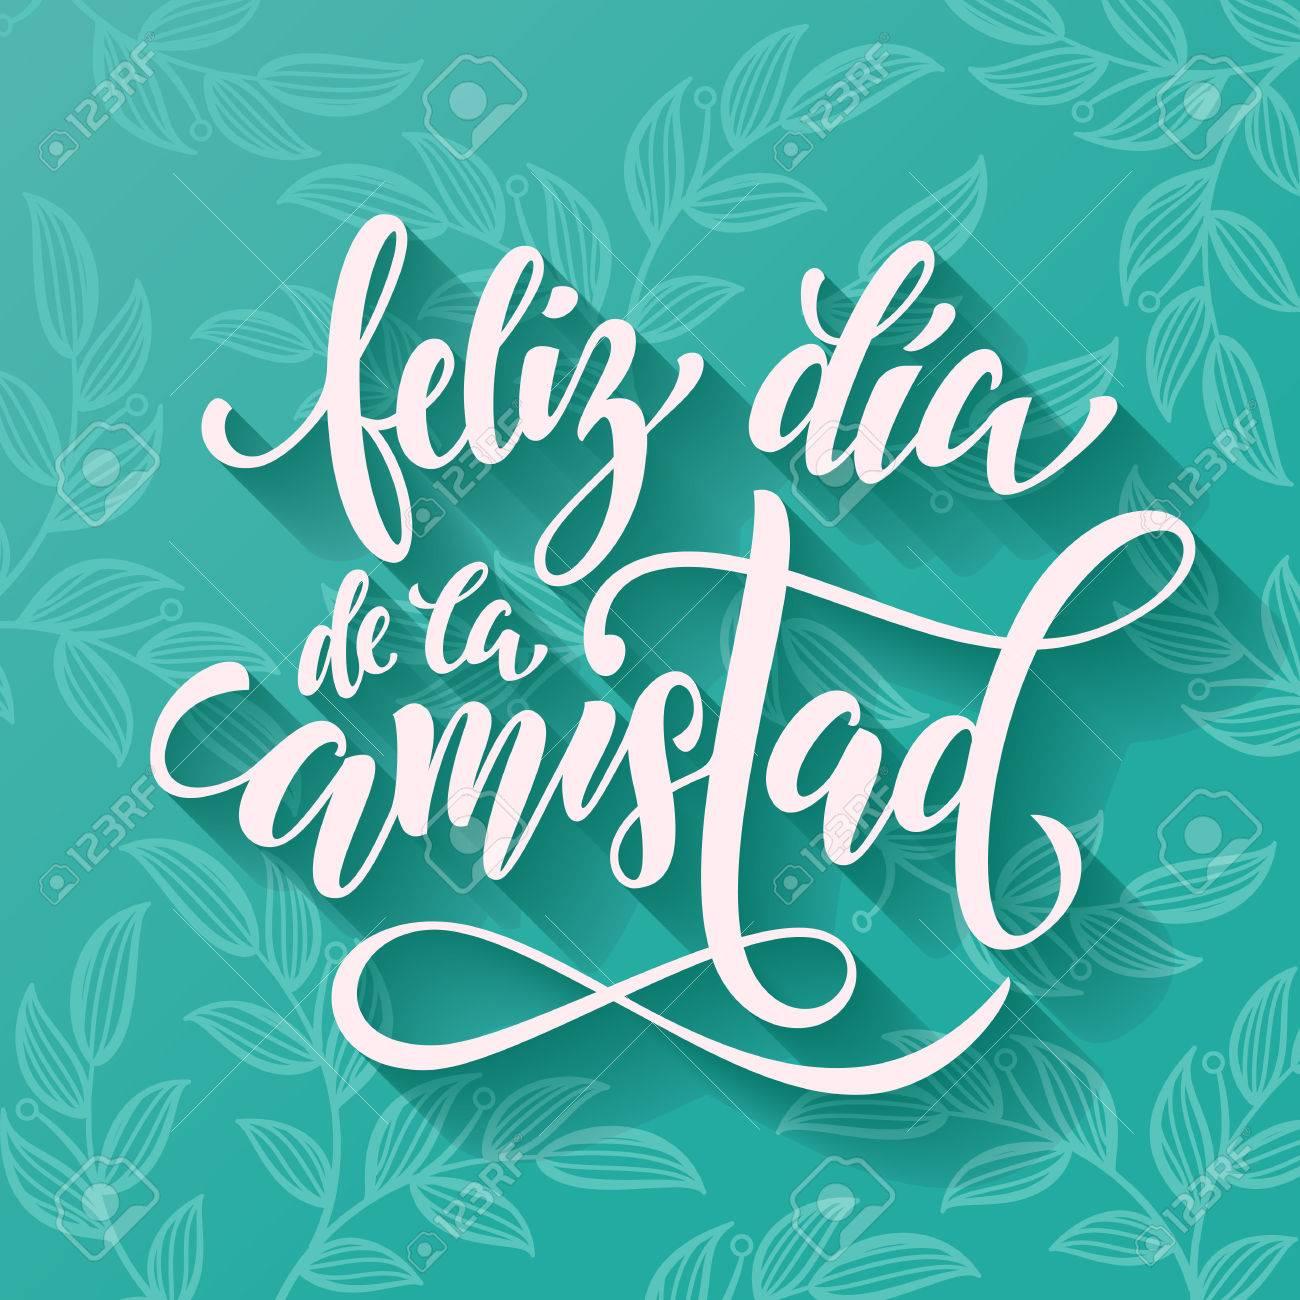 Feliz Dia De La Amistad Día De La Amistad Letras En Español Para